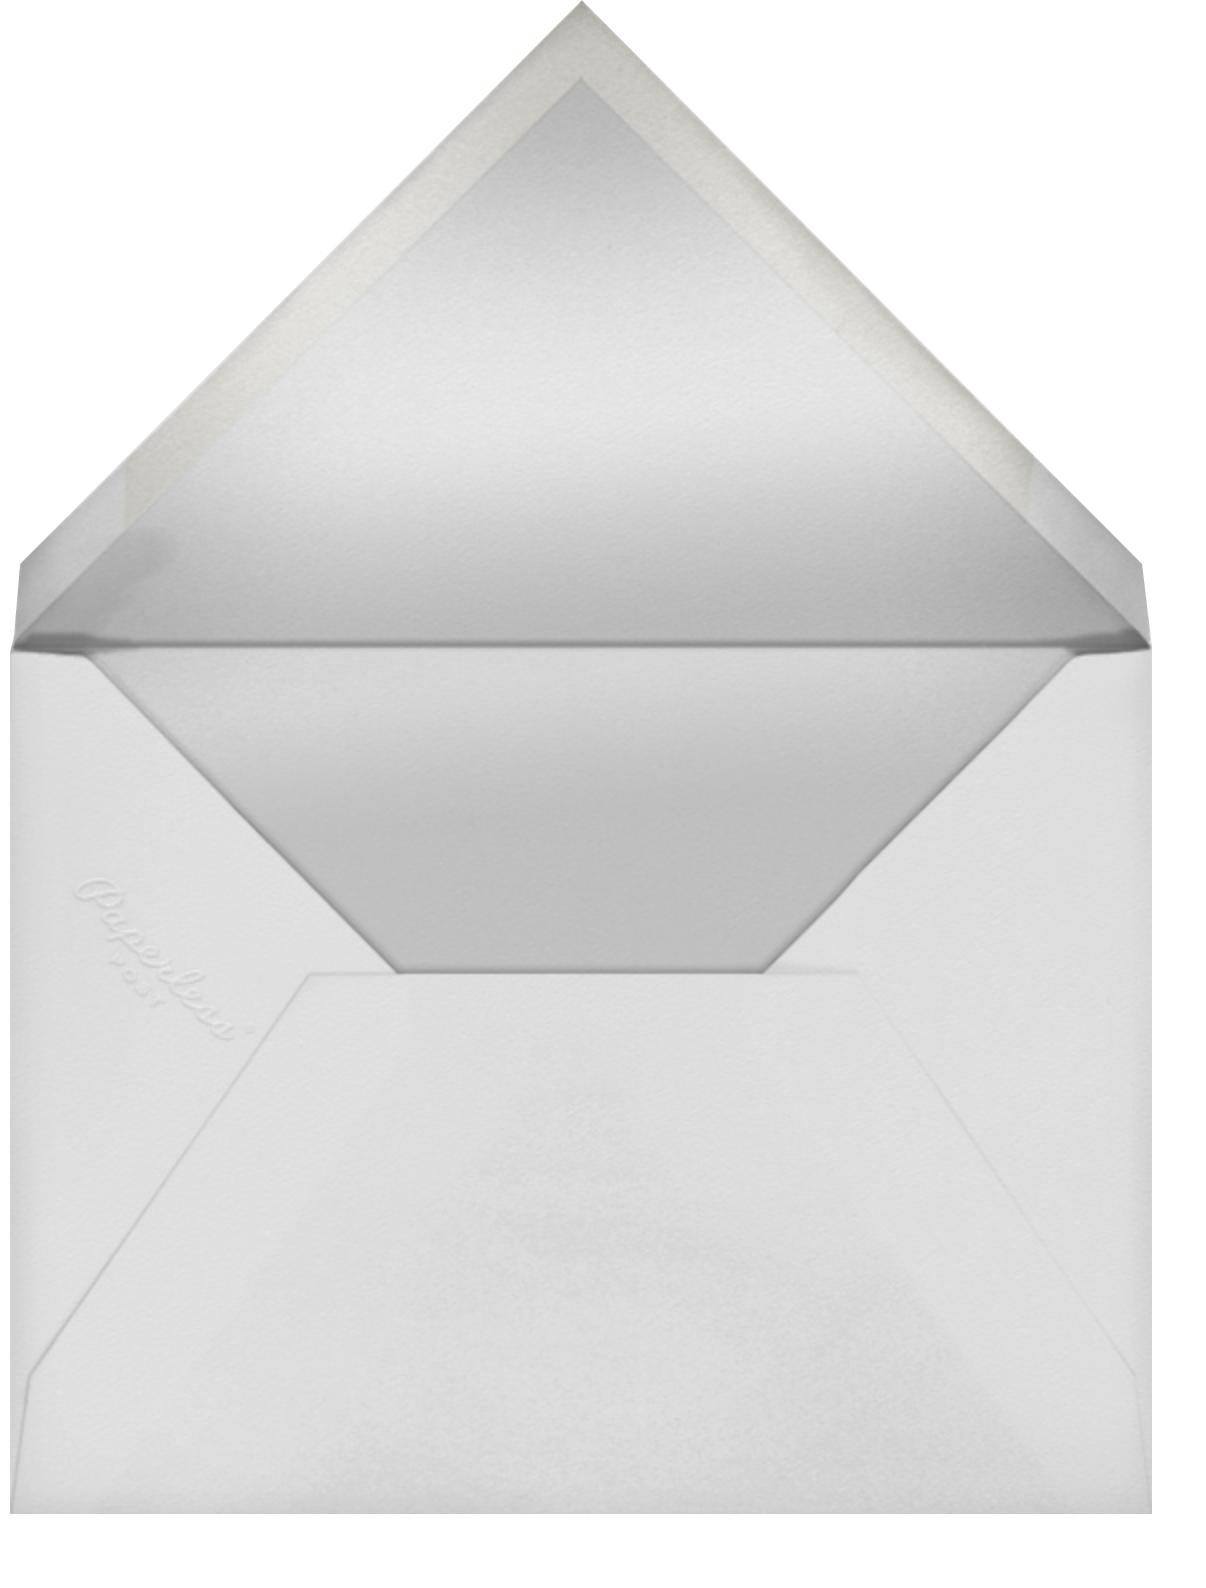 Josephine Baker (Program) - White/Rose Gold - Paperless Post - Menus and programs - envelope back